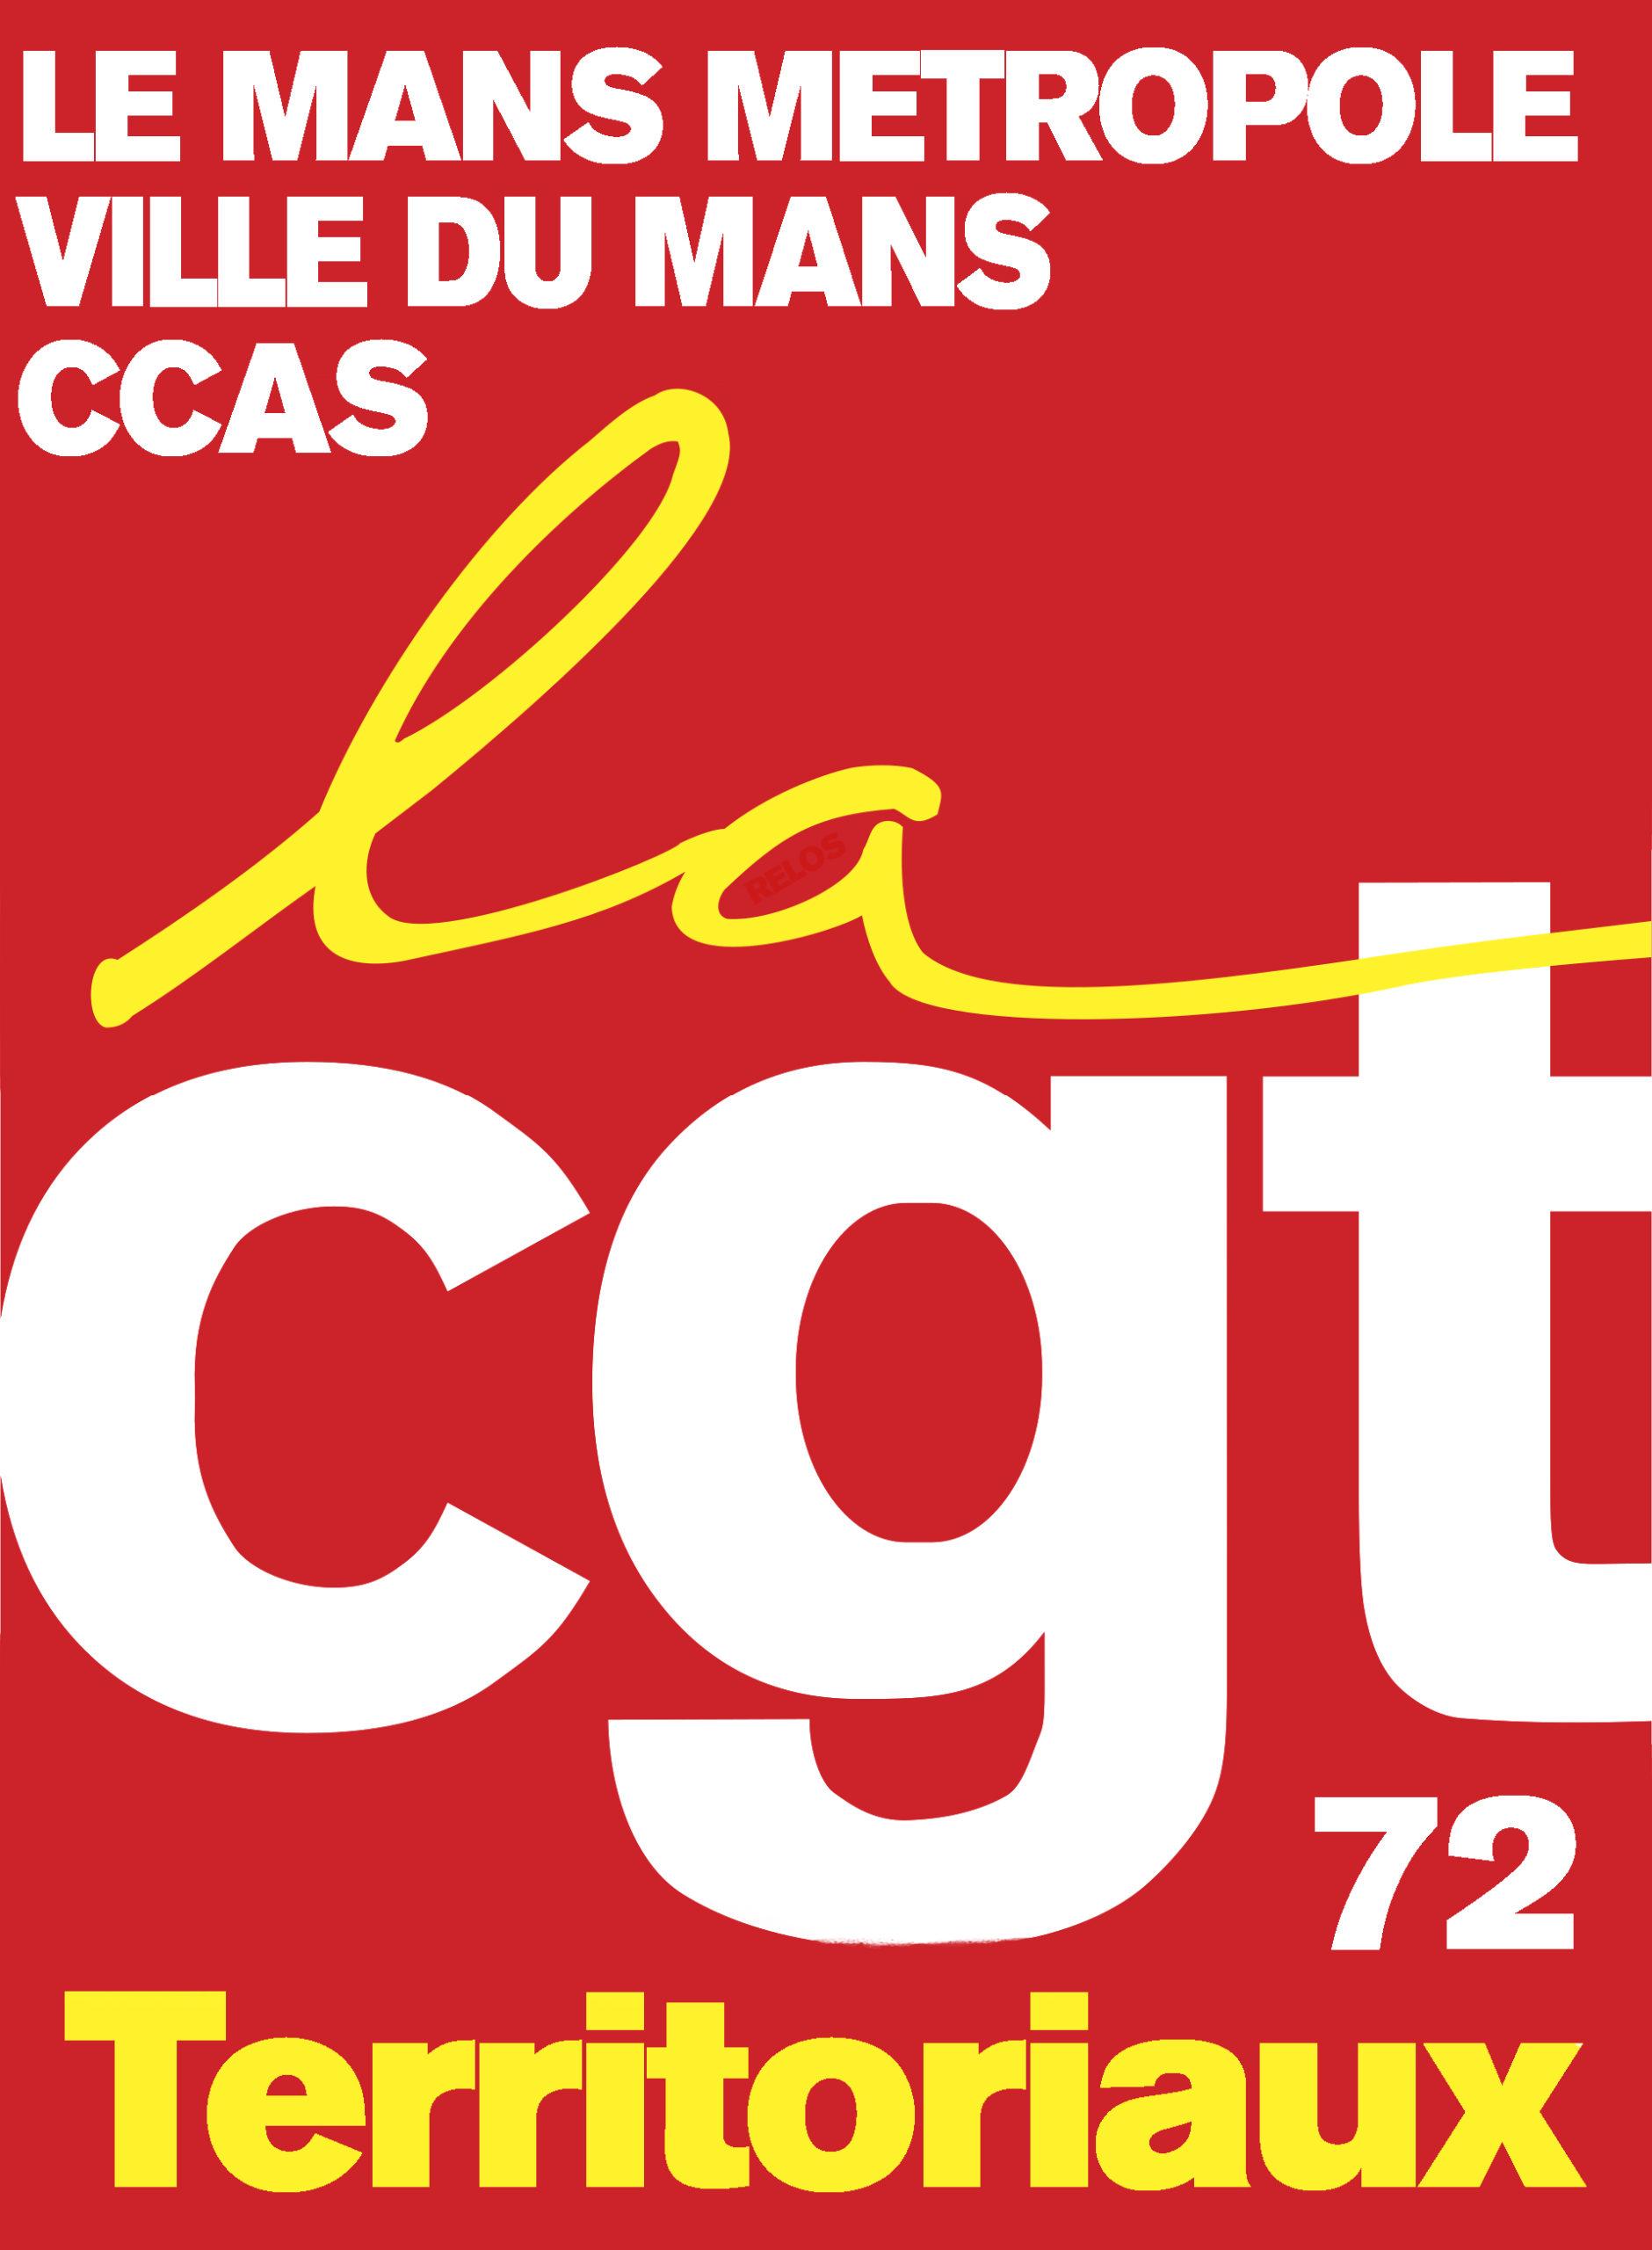 CGT TERRITORIAUX 72